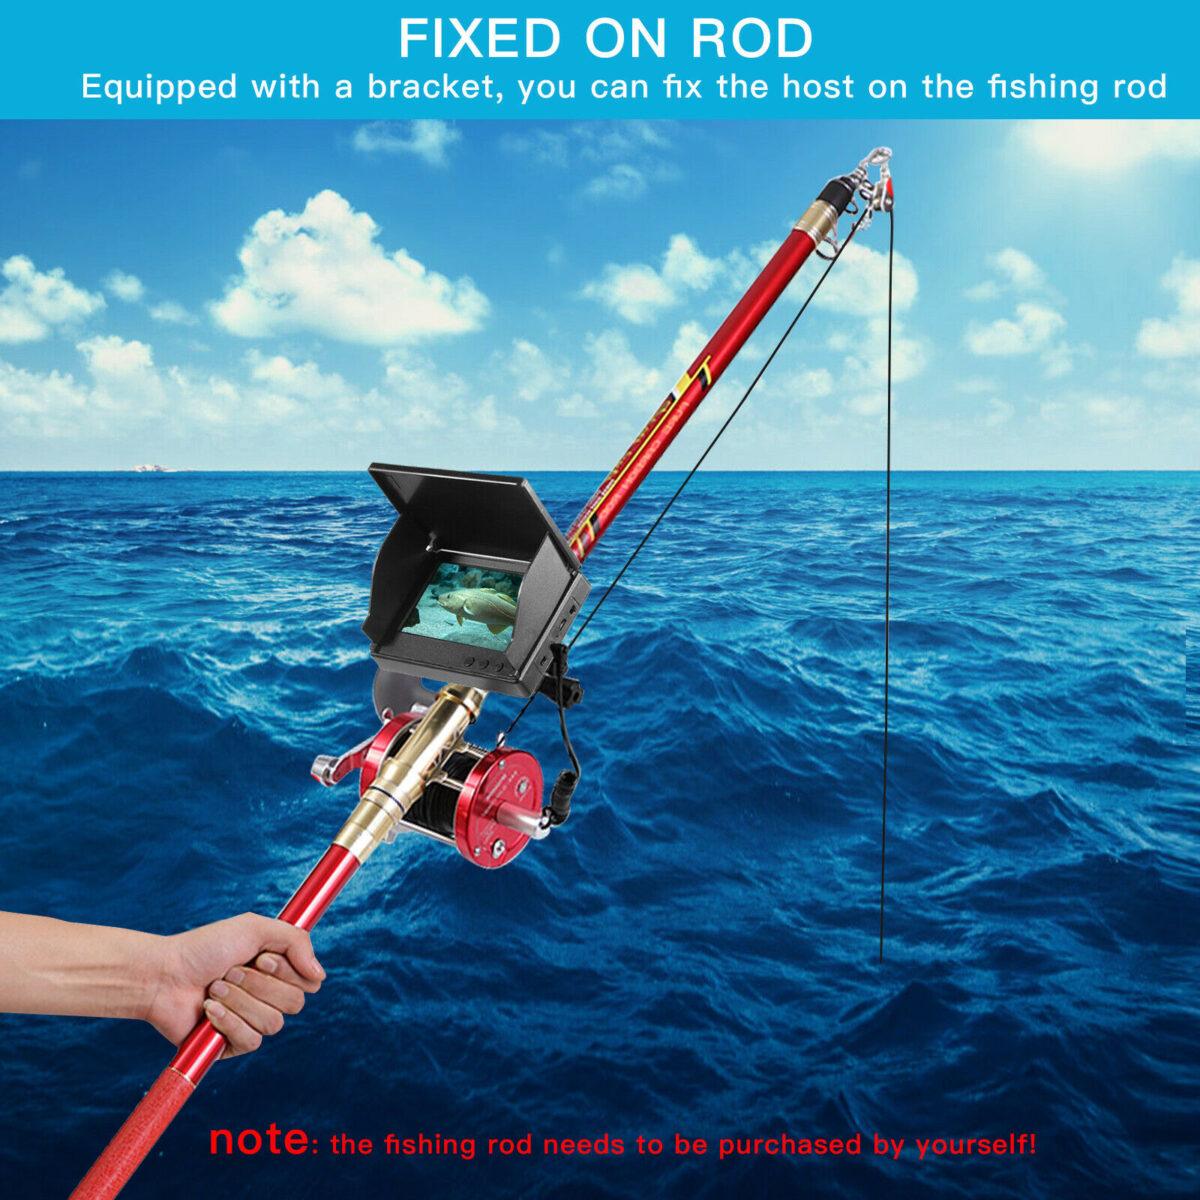 """Ανιχνευτής ψαριών 4.3"""" Οθόνη με Κάμερα για Βάθος ως και 20μ electronistas.grΑνιχνευτής ψαριών 4.3"""" Οθόνη με Κάμερα για Βάθος ως και 20μ electronistas.gr"""